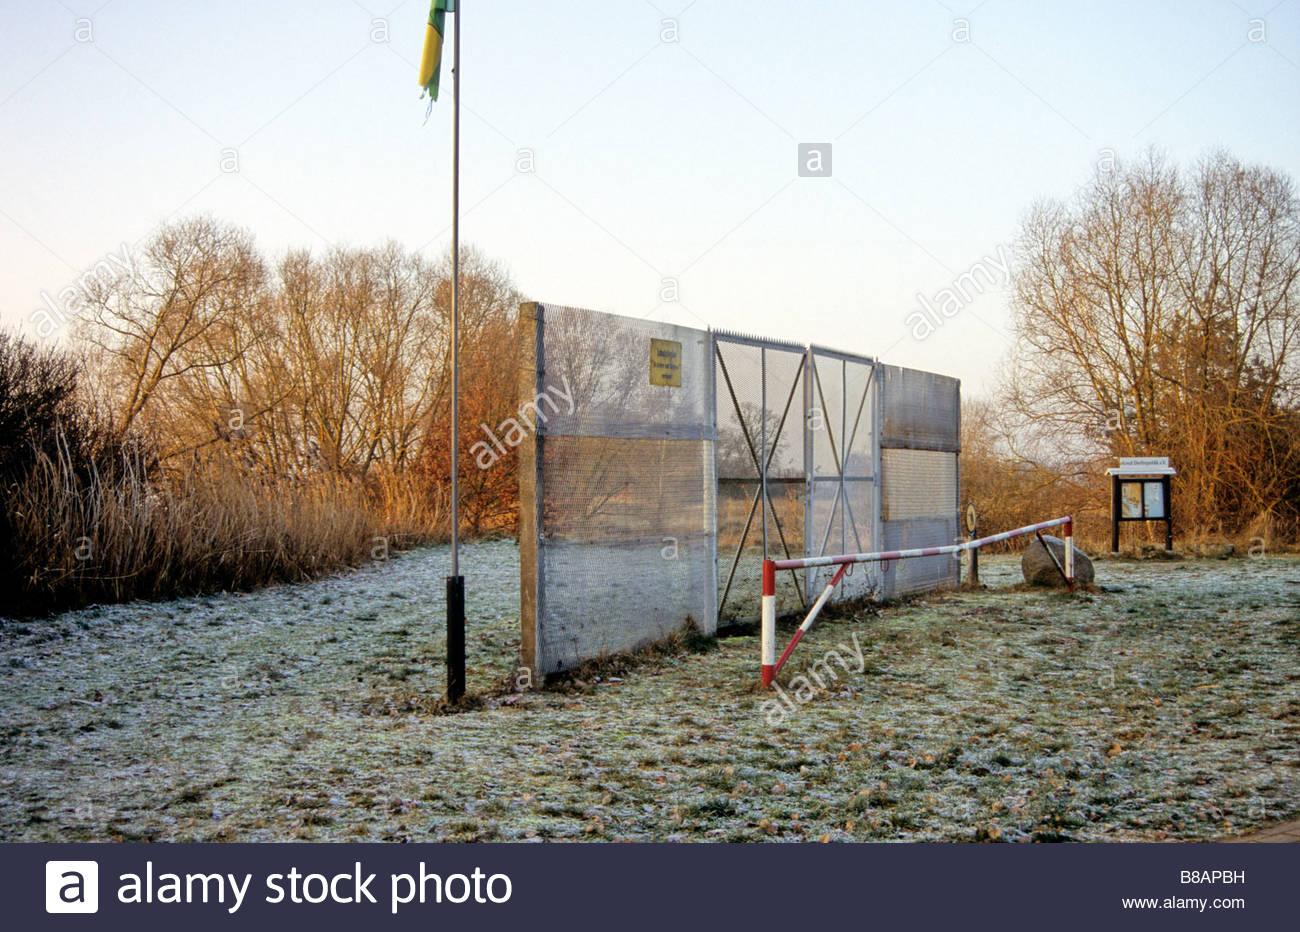 Parte de la guerra fría valla fronteriza a lo largo de río Elba Dorfrepublik Rüterberg Alemania Imagen De Stock